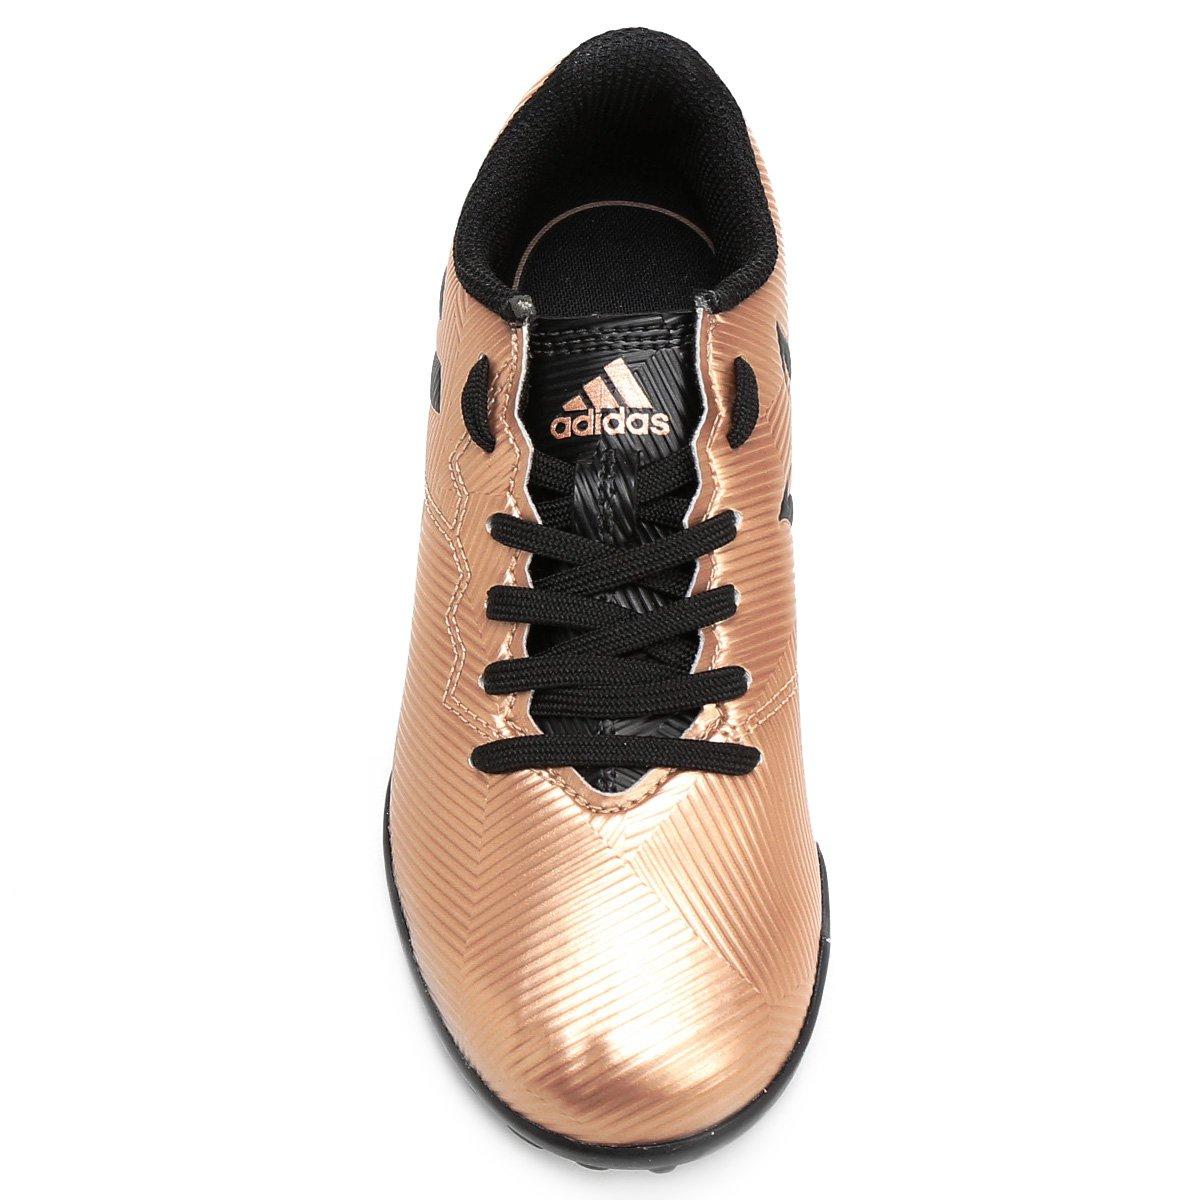 89f1a19048 Chuteira Society Juvenil Adidas Messi 16.4 TF - Dourado e Preto ...